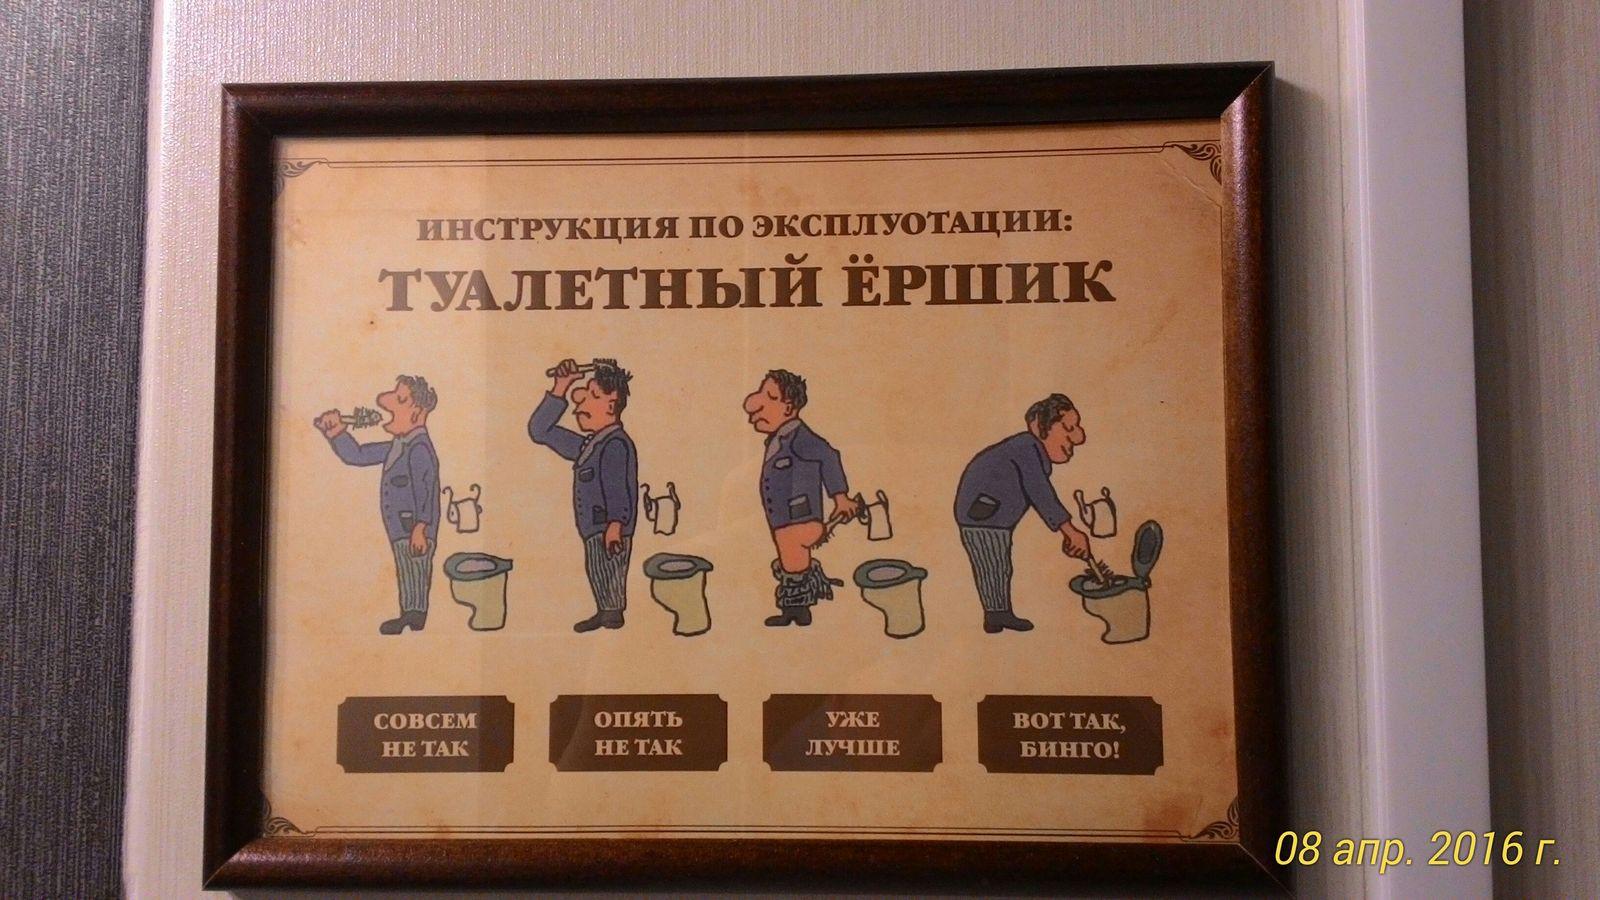 Инструкция по использованию ершика